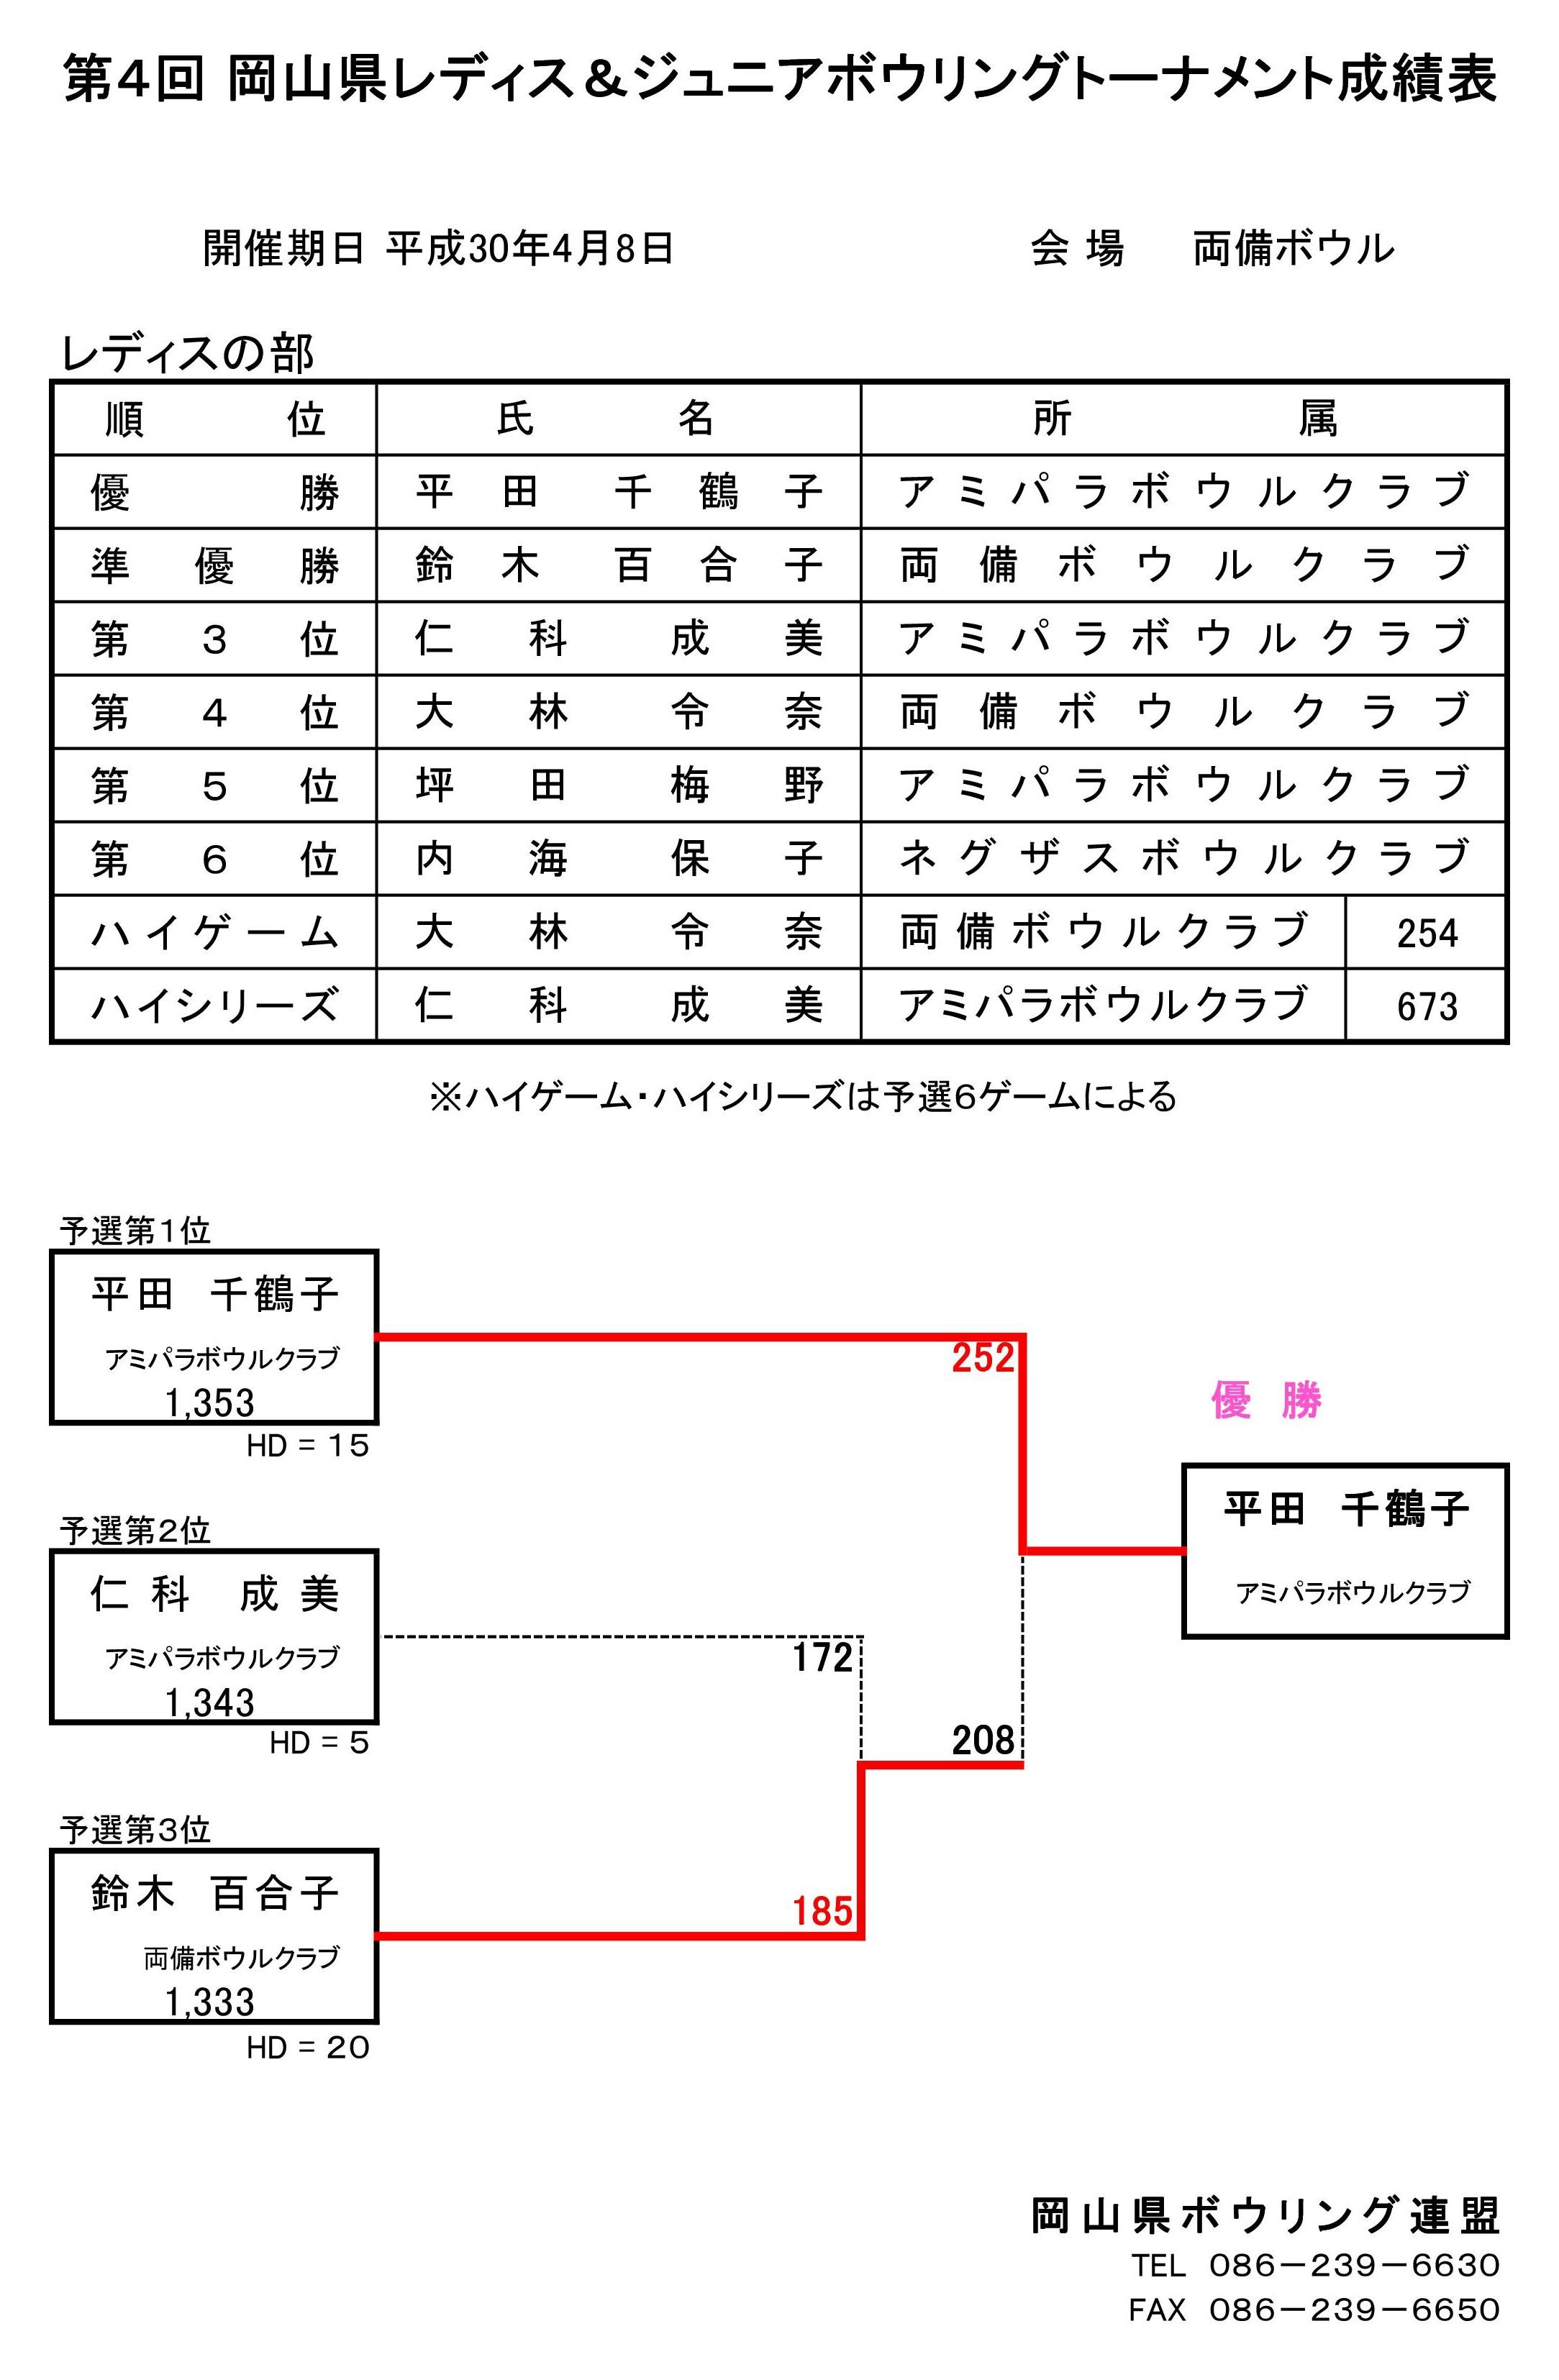 4回レディストーナメント成績.jpg